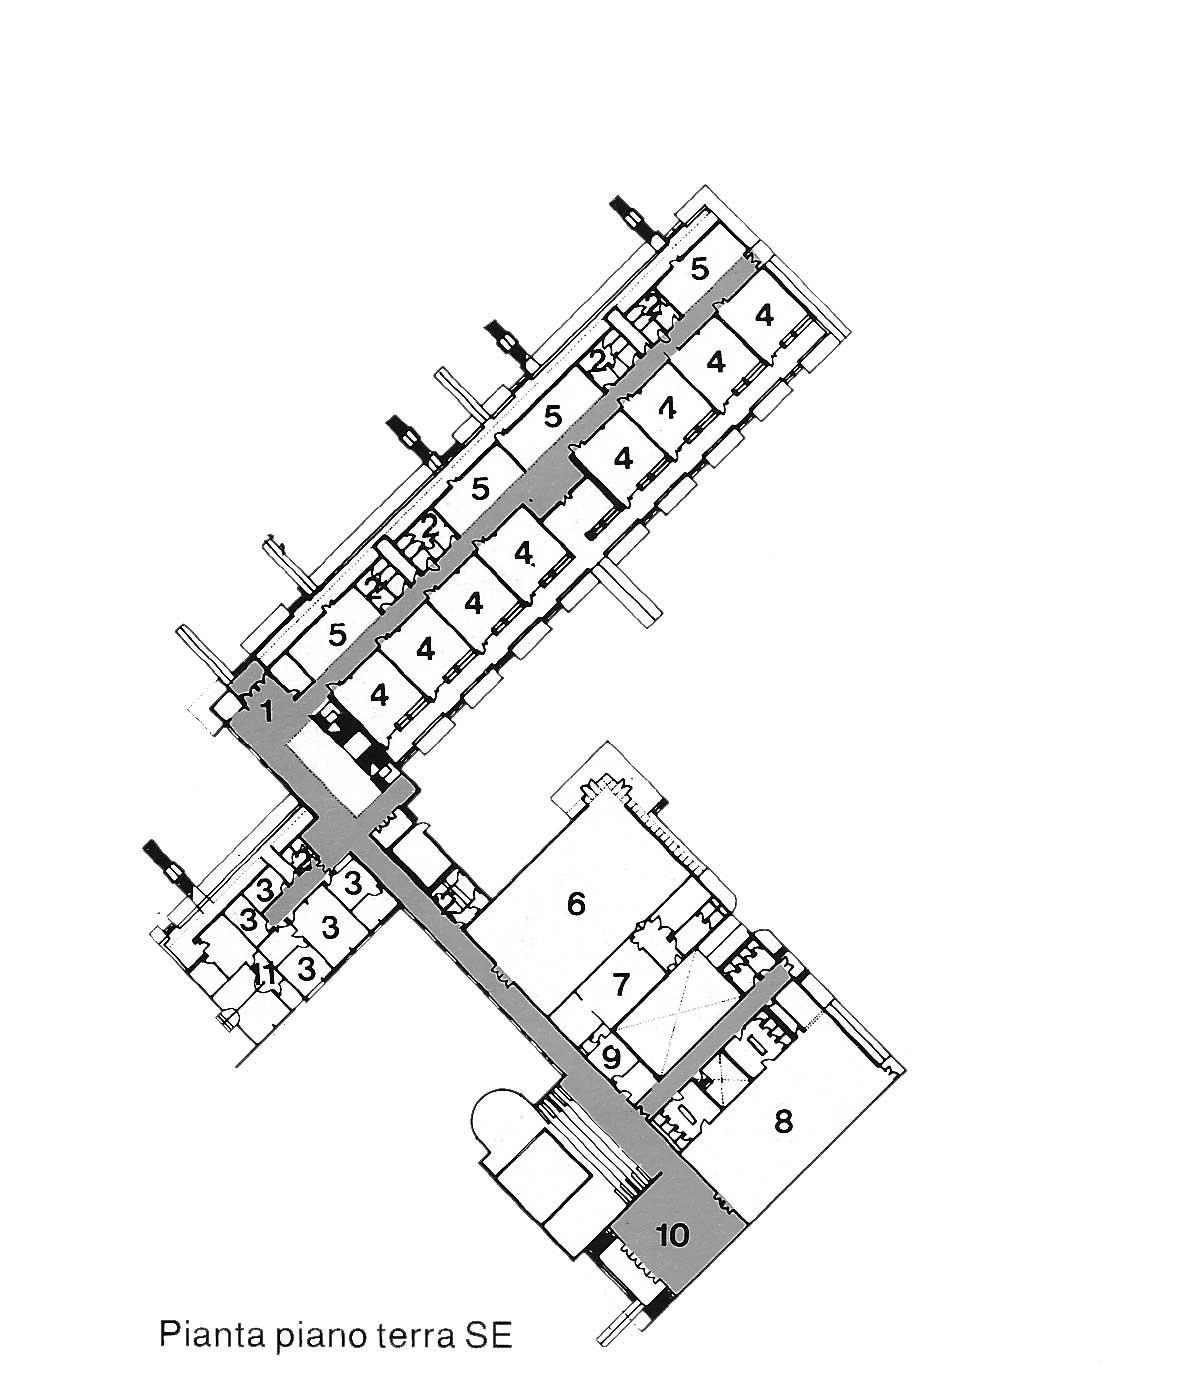 6 - Plessi scolastici nel PdZ 167 di Tor Bella Monaca, Roma; con N. Campanini, D. Ciaffi, F. W. Facilla, R. Giuffrè -  Scuola elementare comparto 7: pianta piano terra